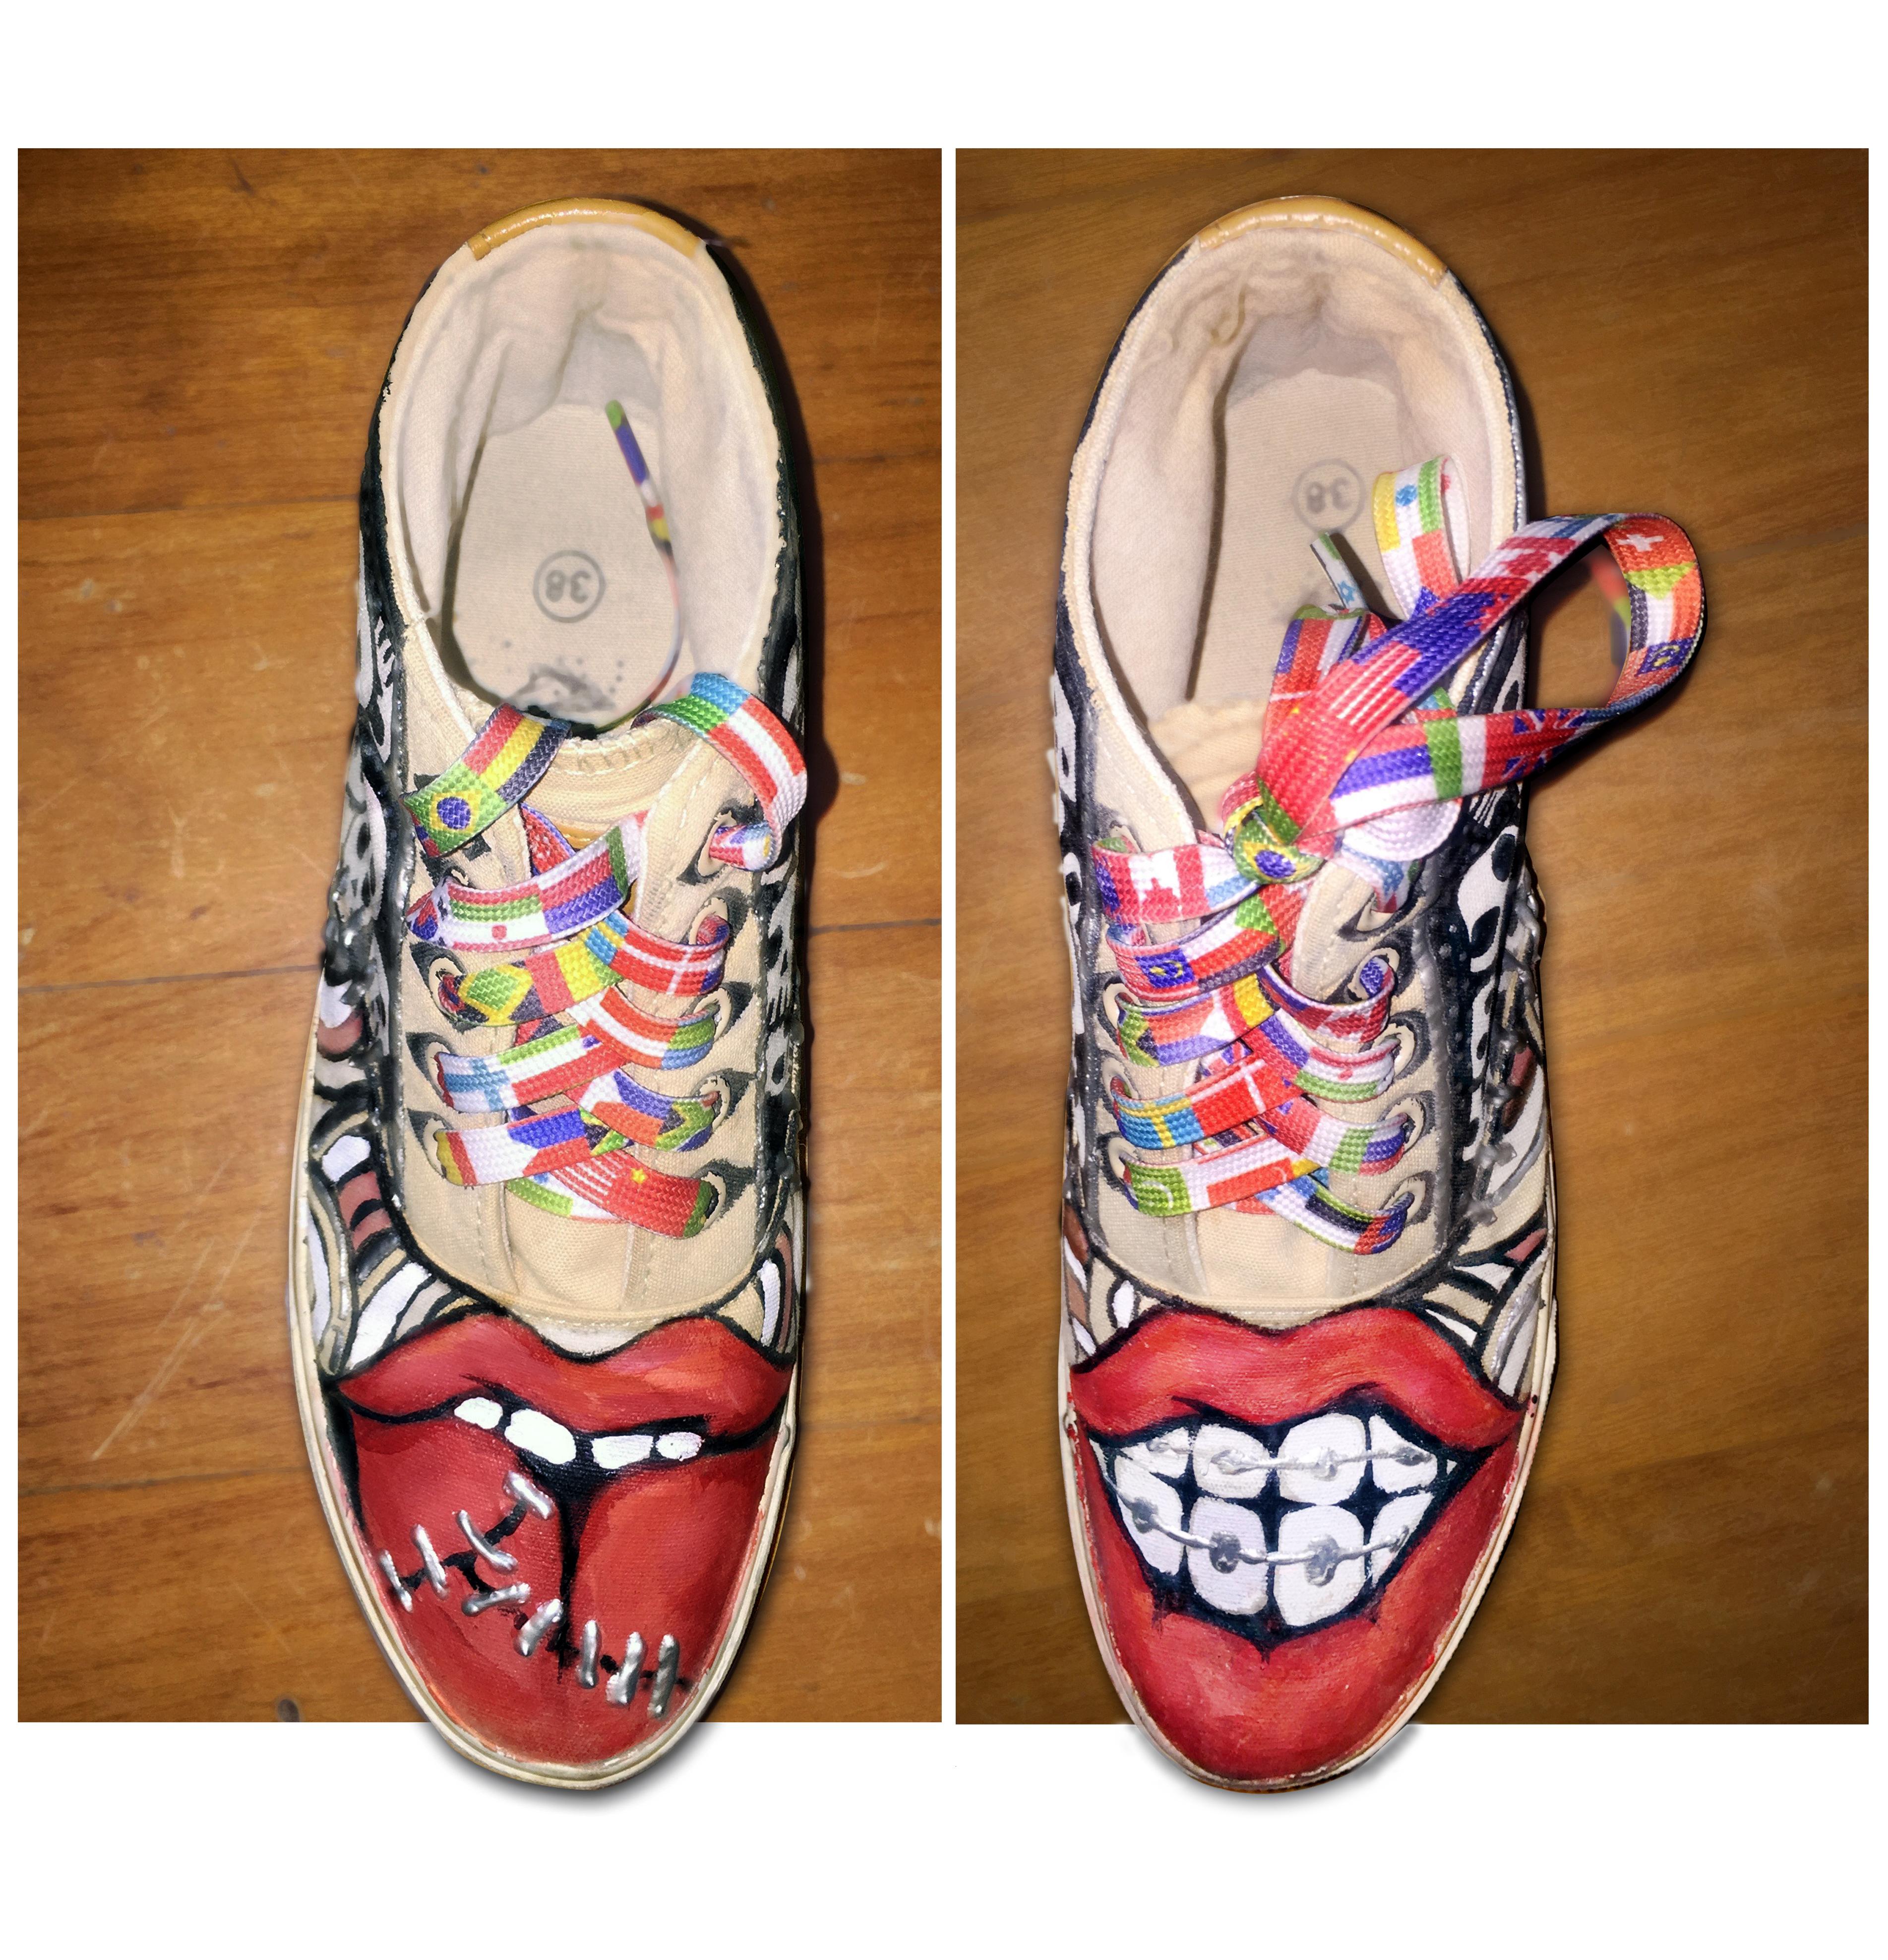 手绘板鞋.